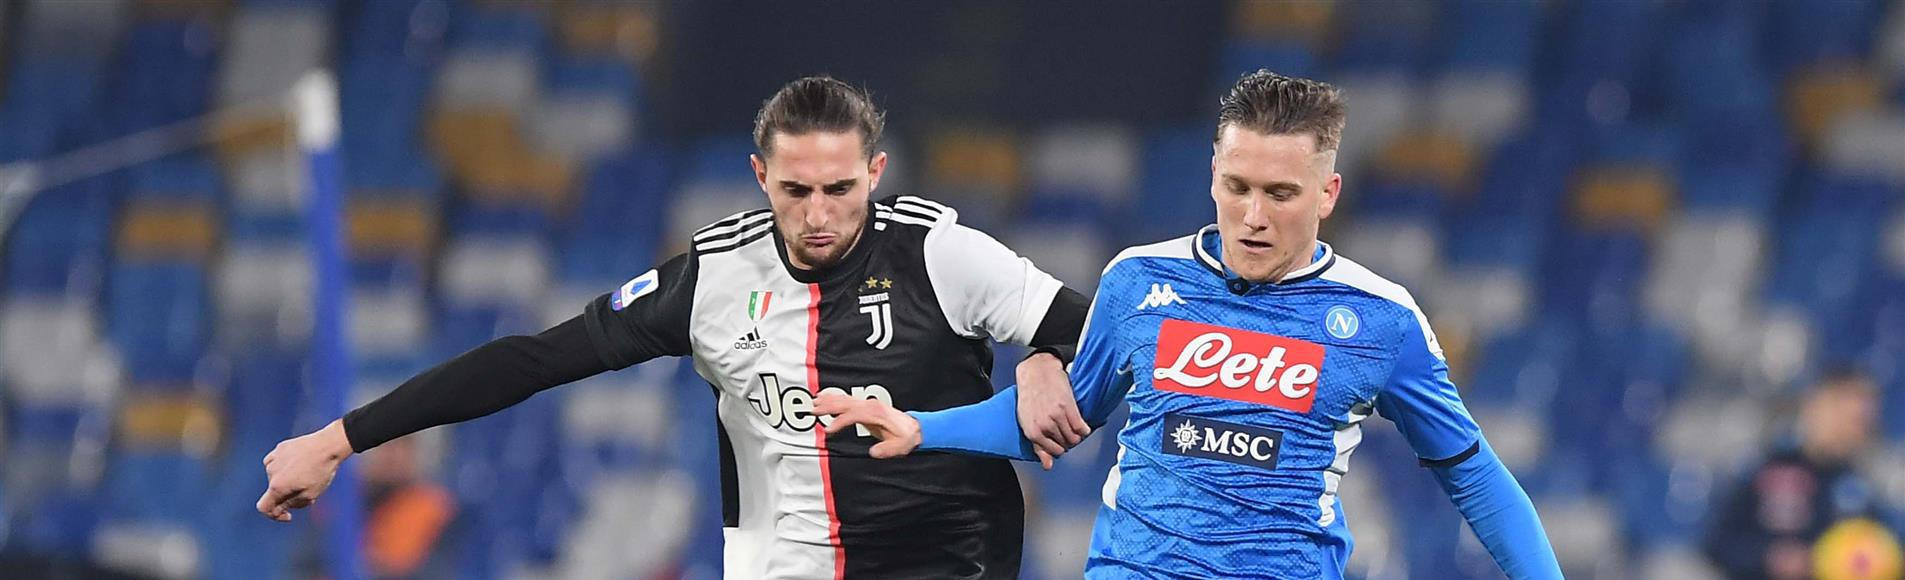 Supercoppa Juve-Napoli, dove vederla e le formazioni |  Sport e Vai